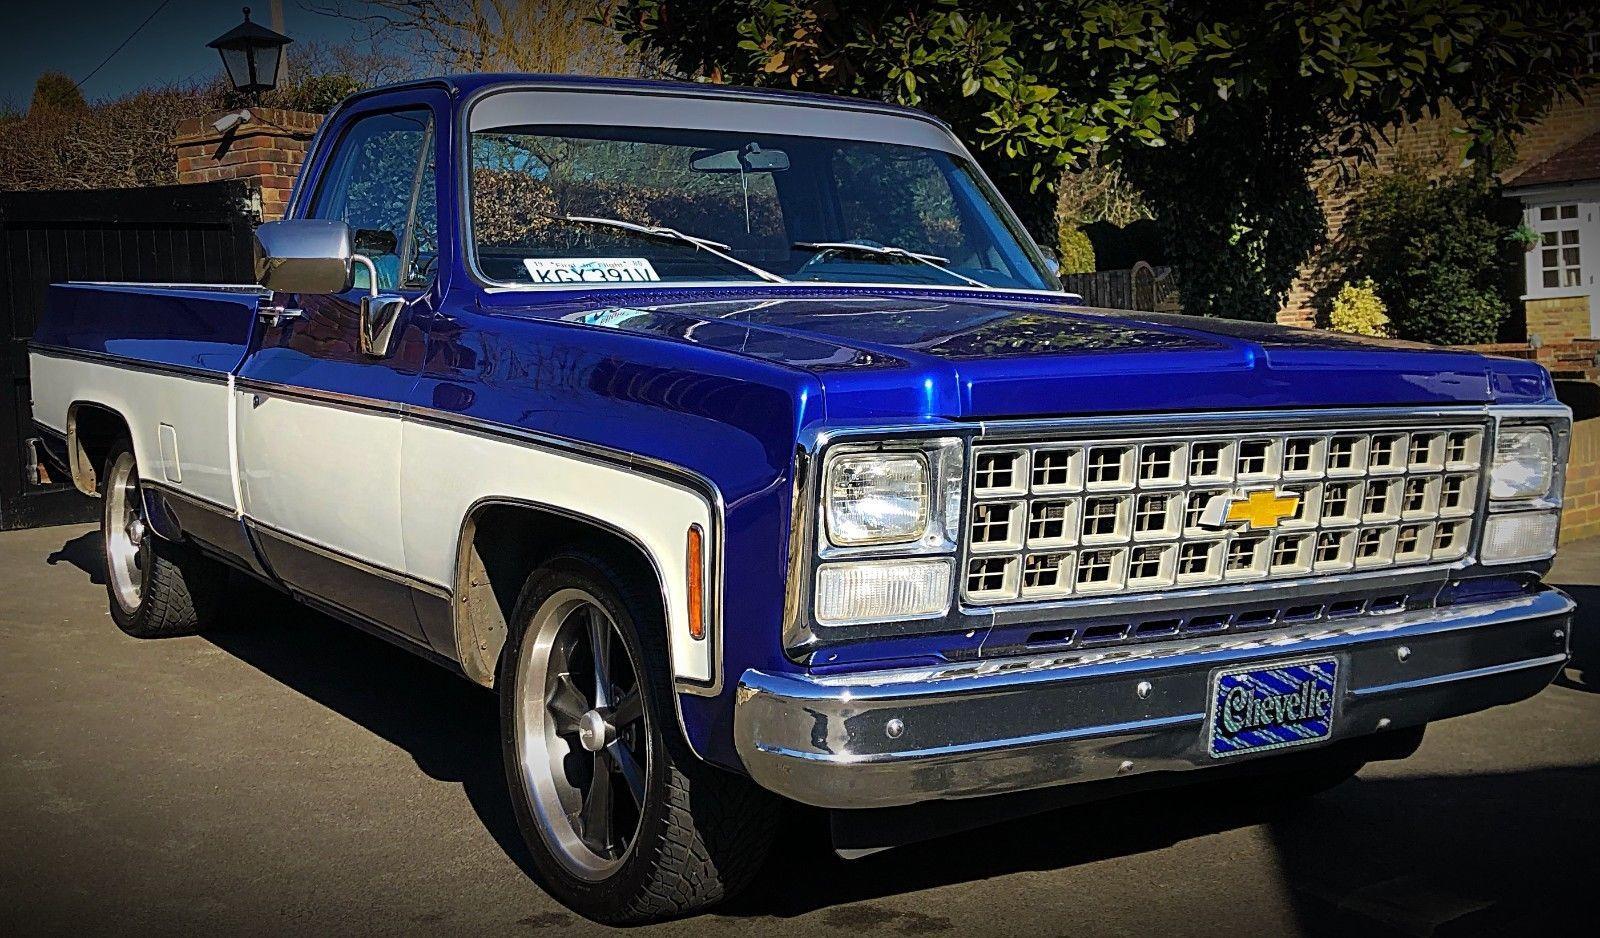 Ebay American Chevrolet Chevy C10 Silverado Spec Pickup Truck Uk